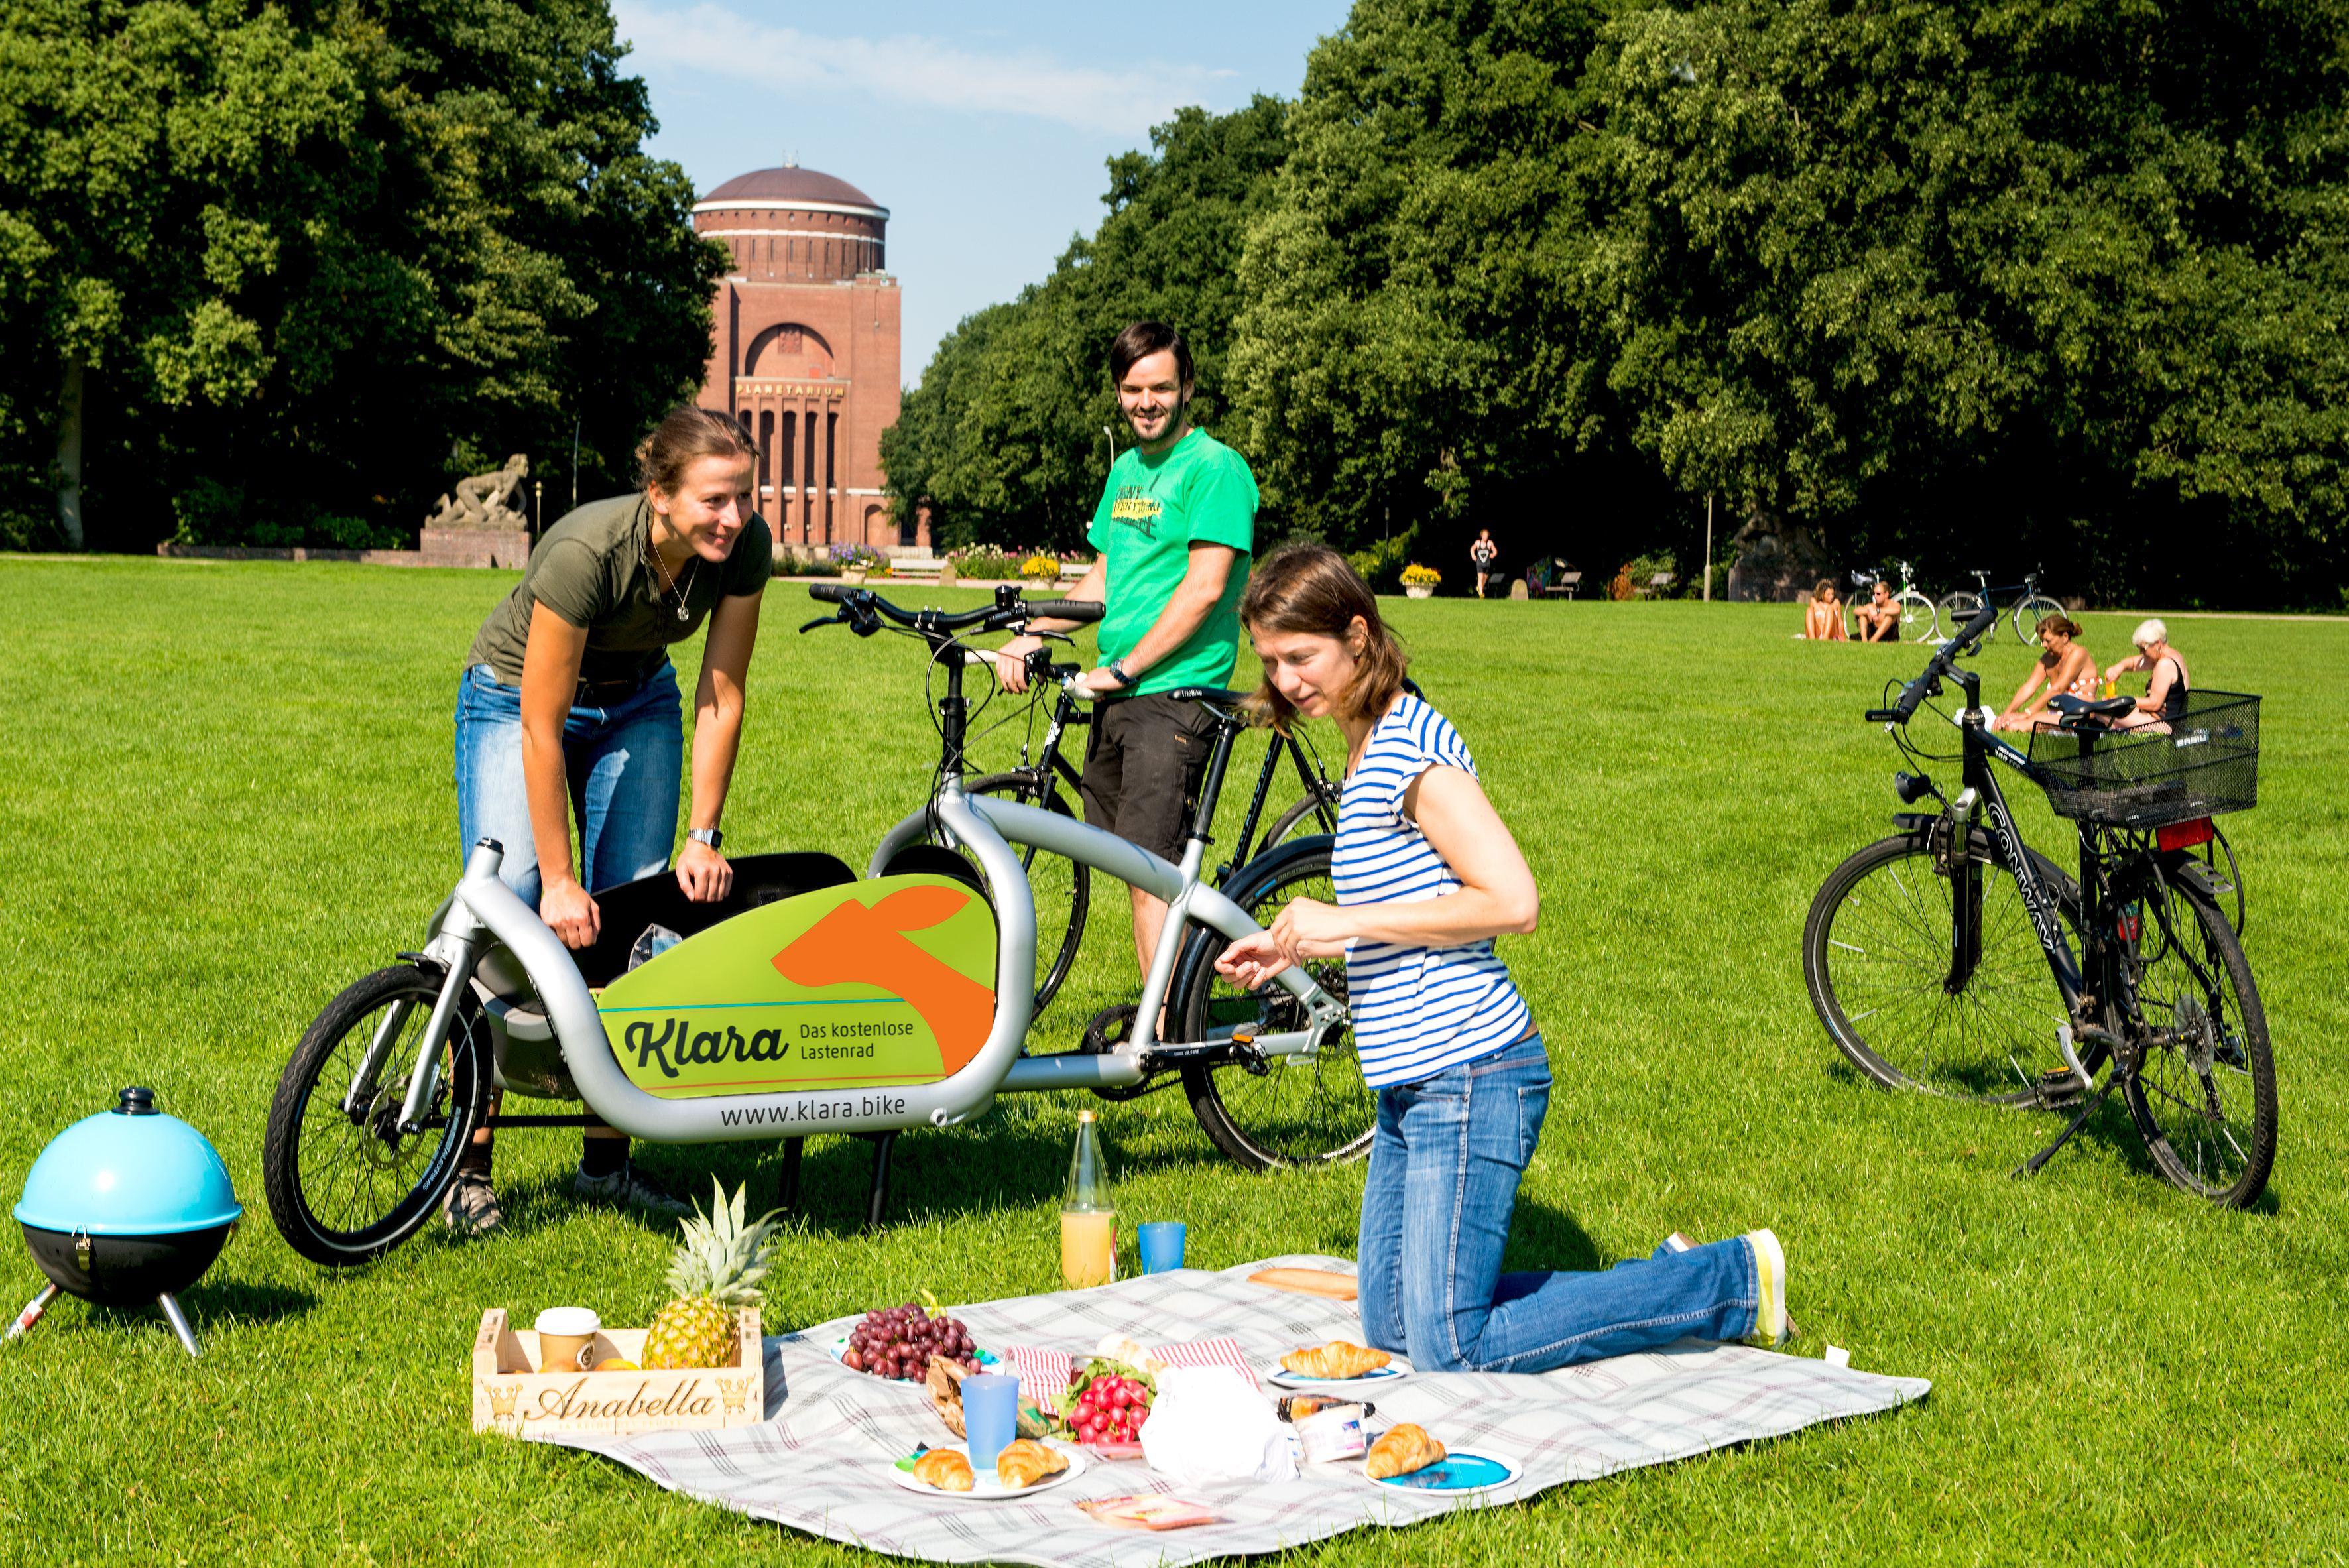 Klara Bike – Das kostenlose Lastenrad